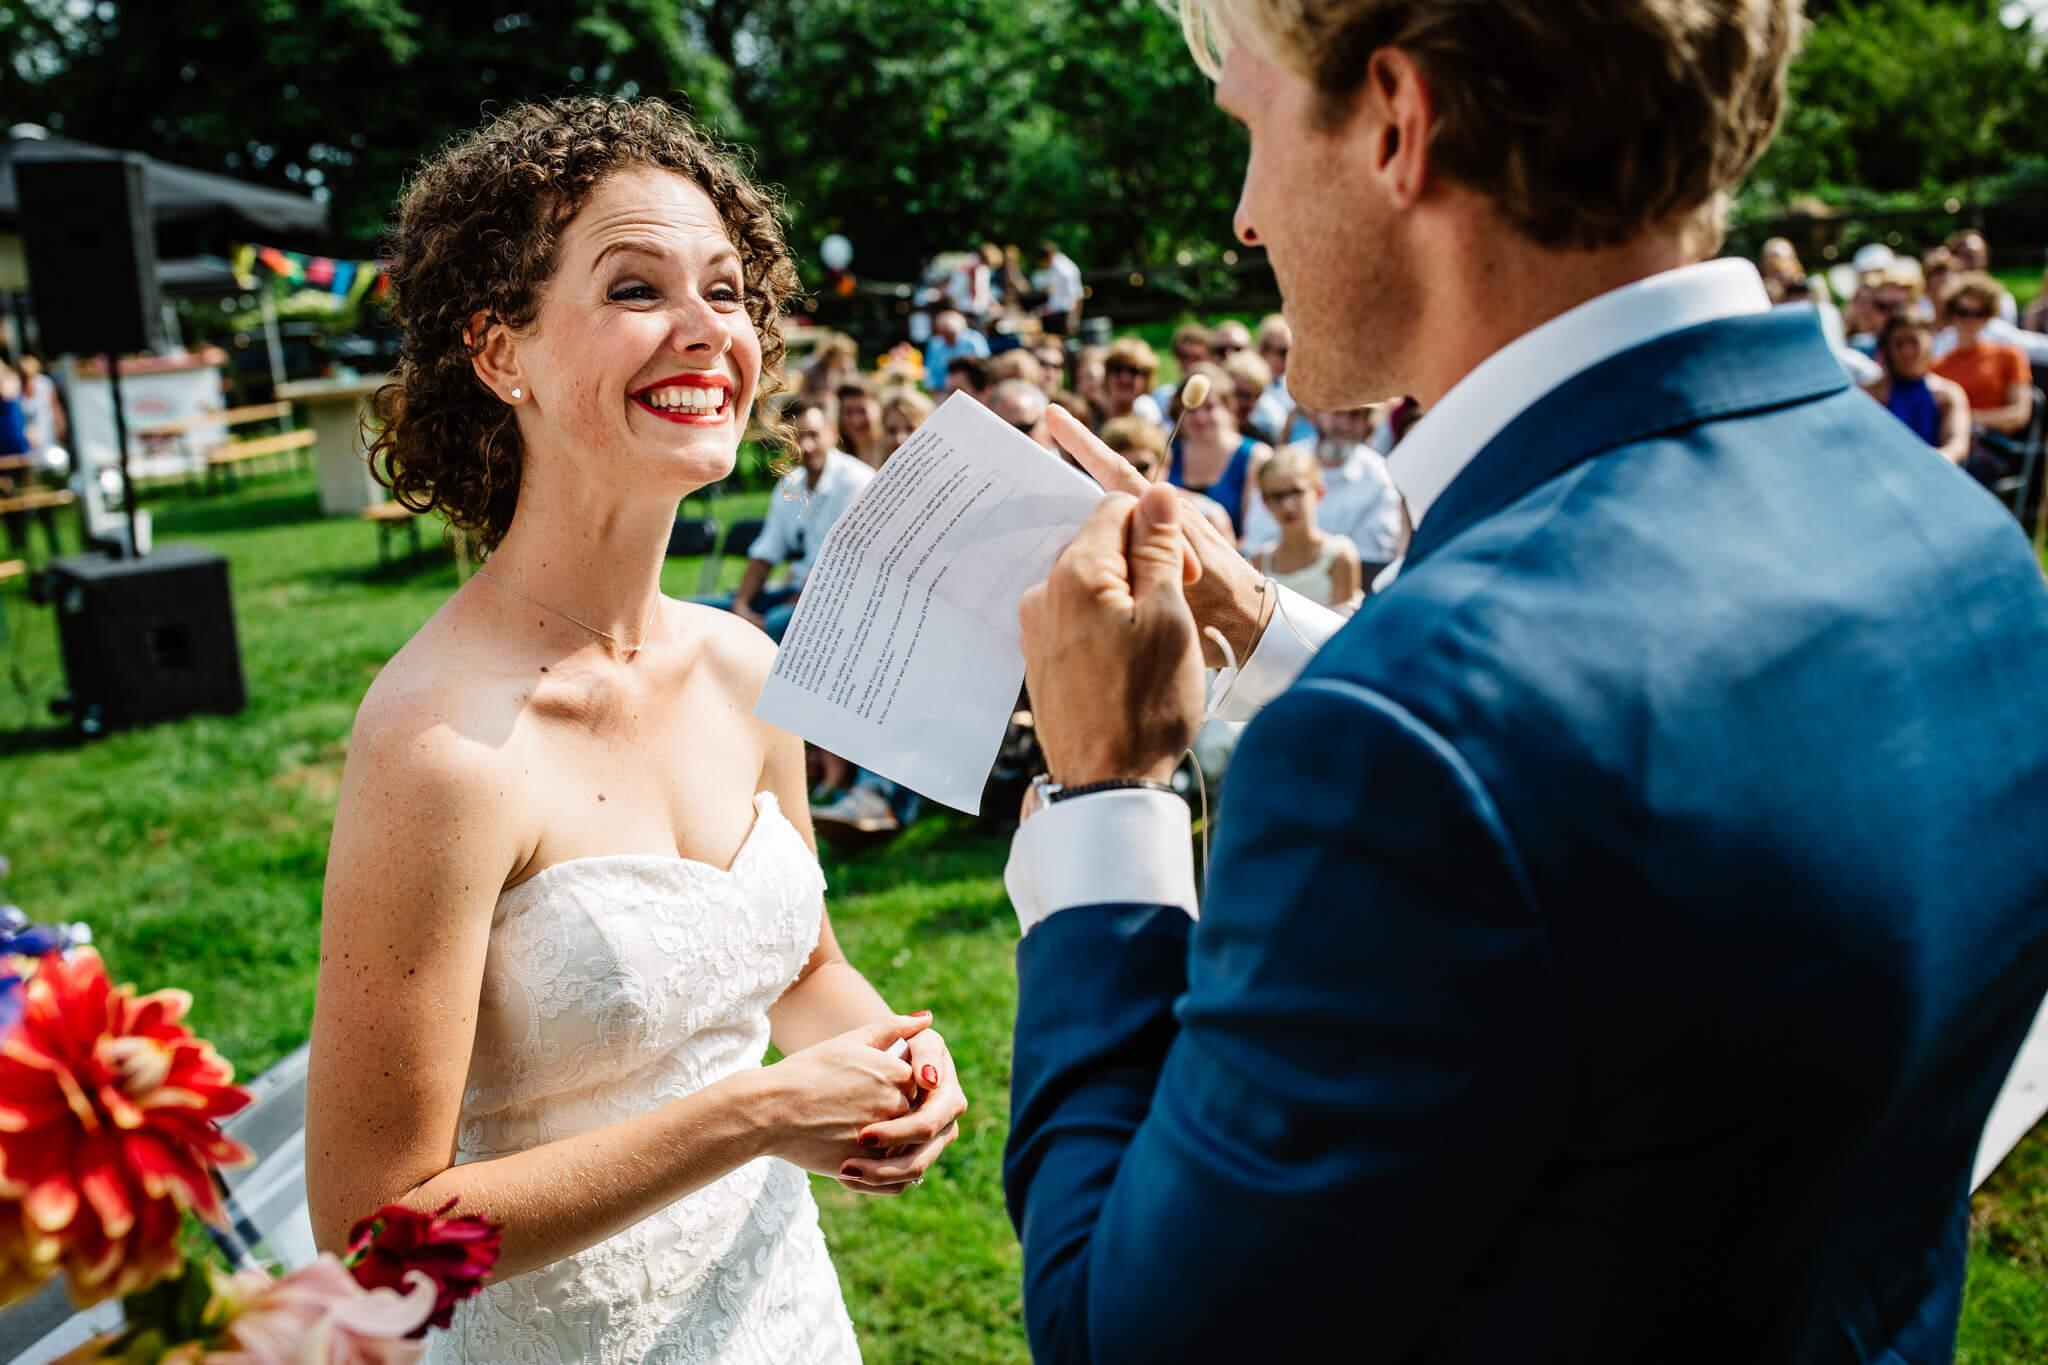 festivalbruiloft-bruidsfotograaf-utrecht-16.jpg